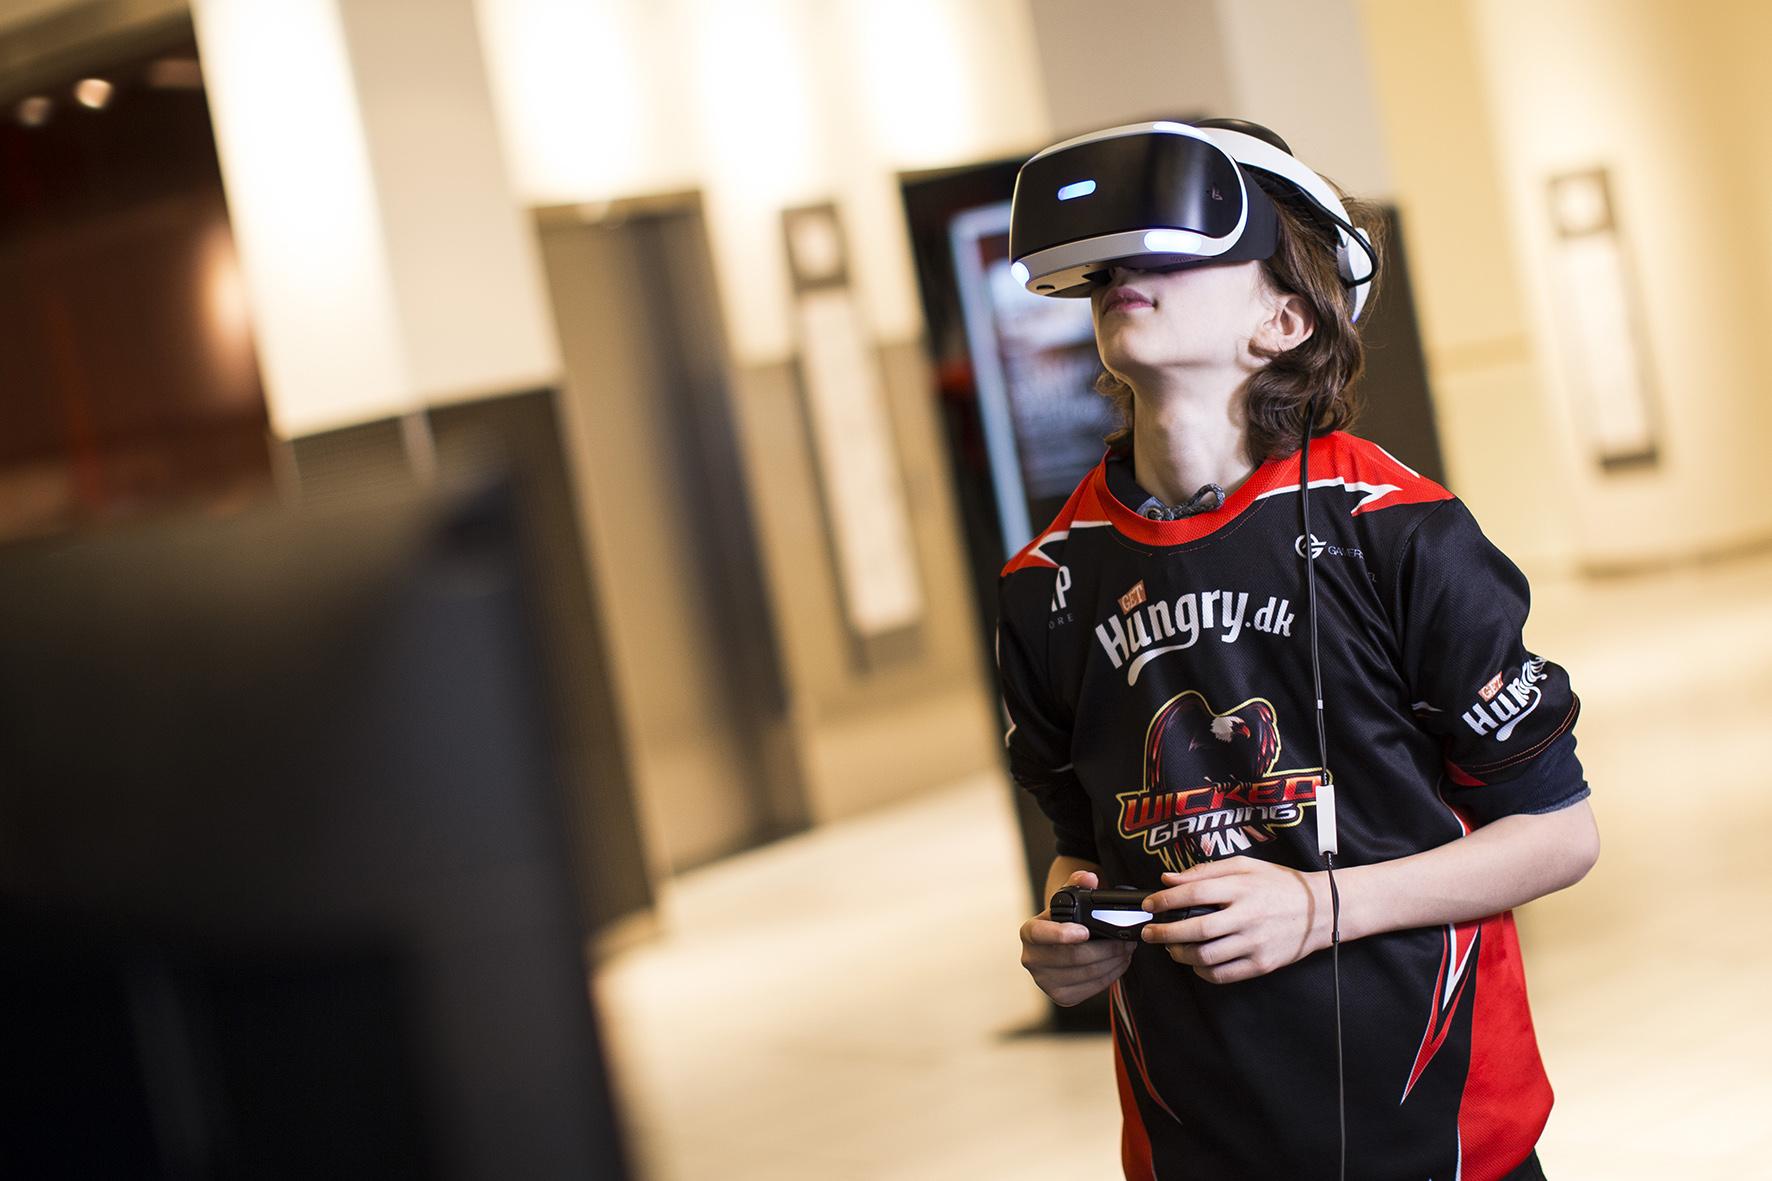 Gaming er det nye sort: Sådan kommer du i gang